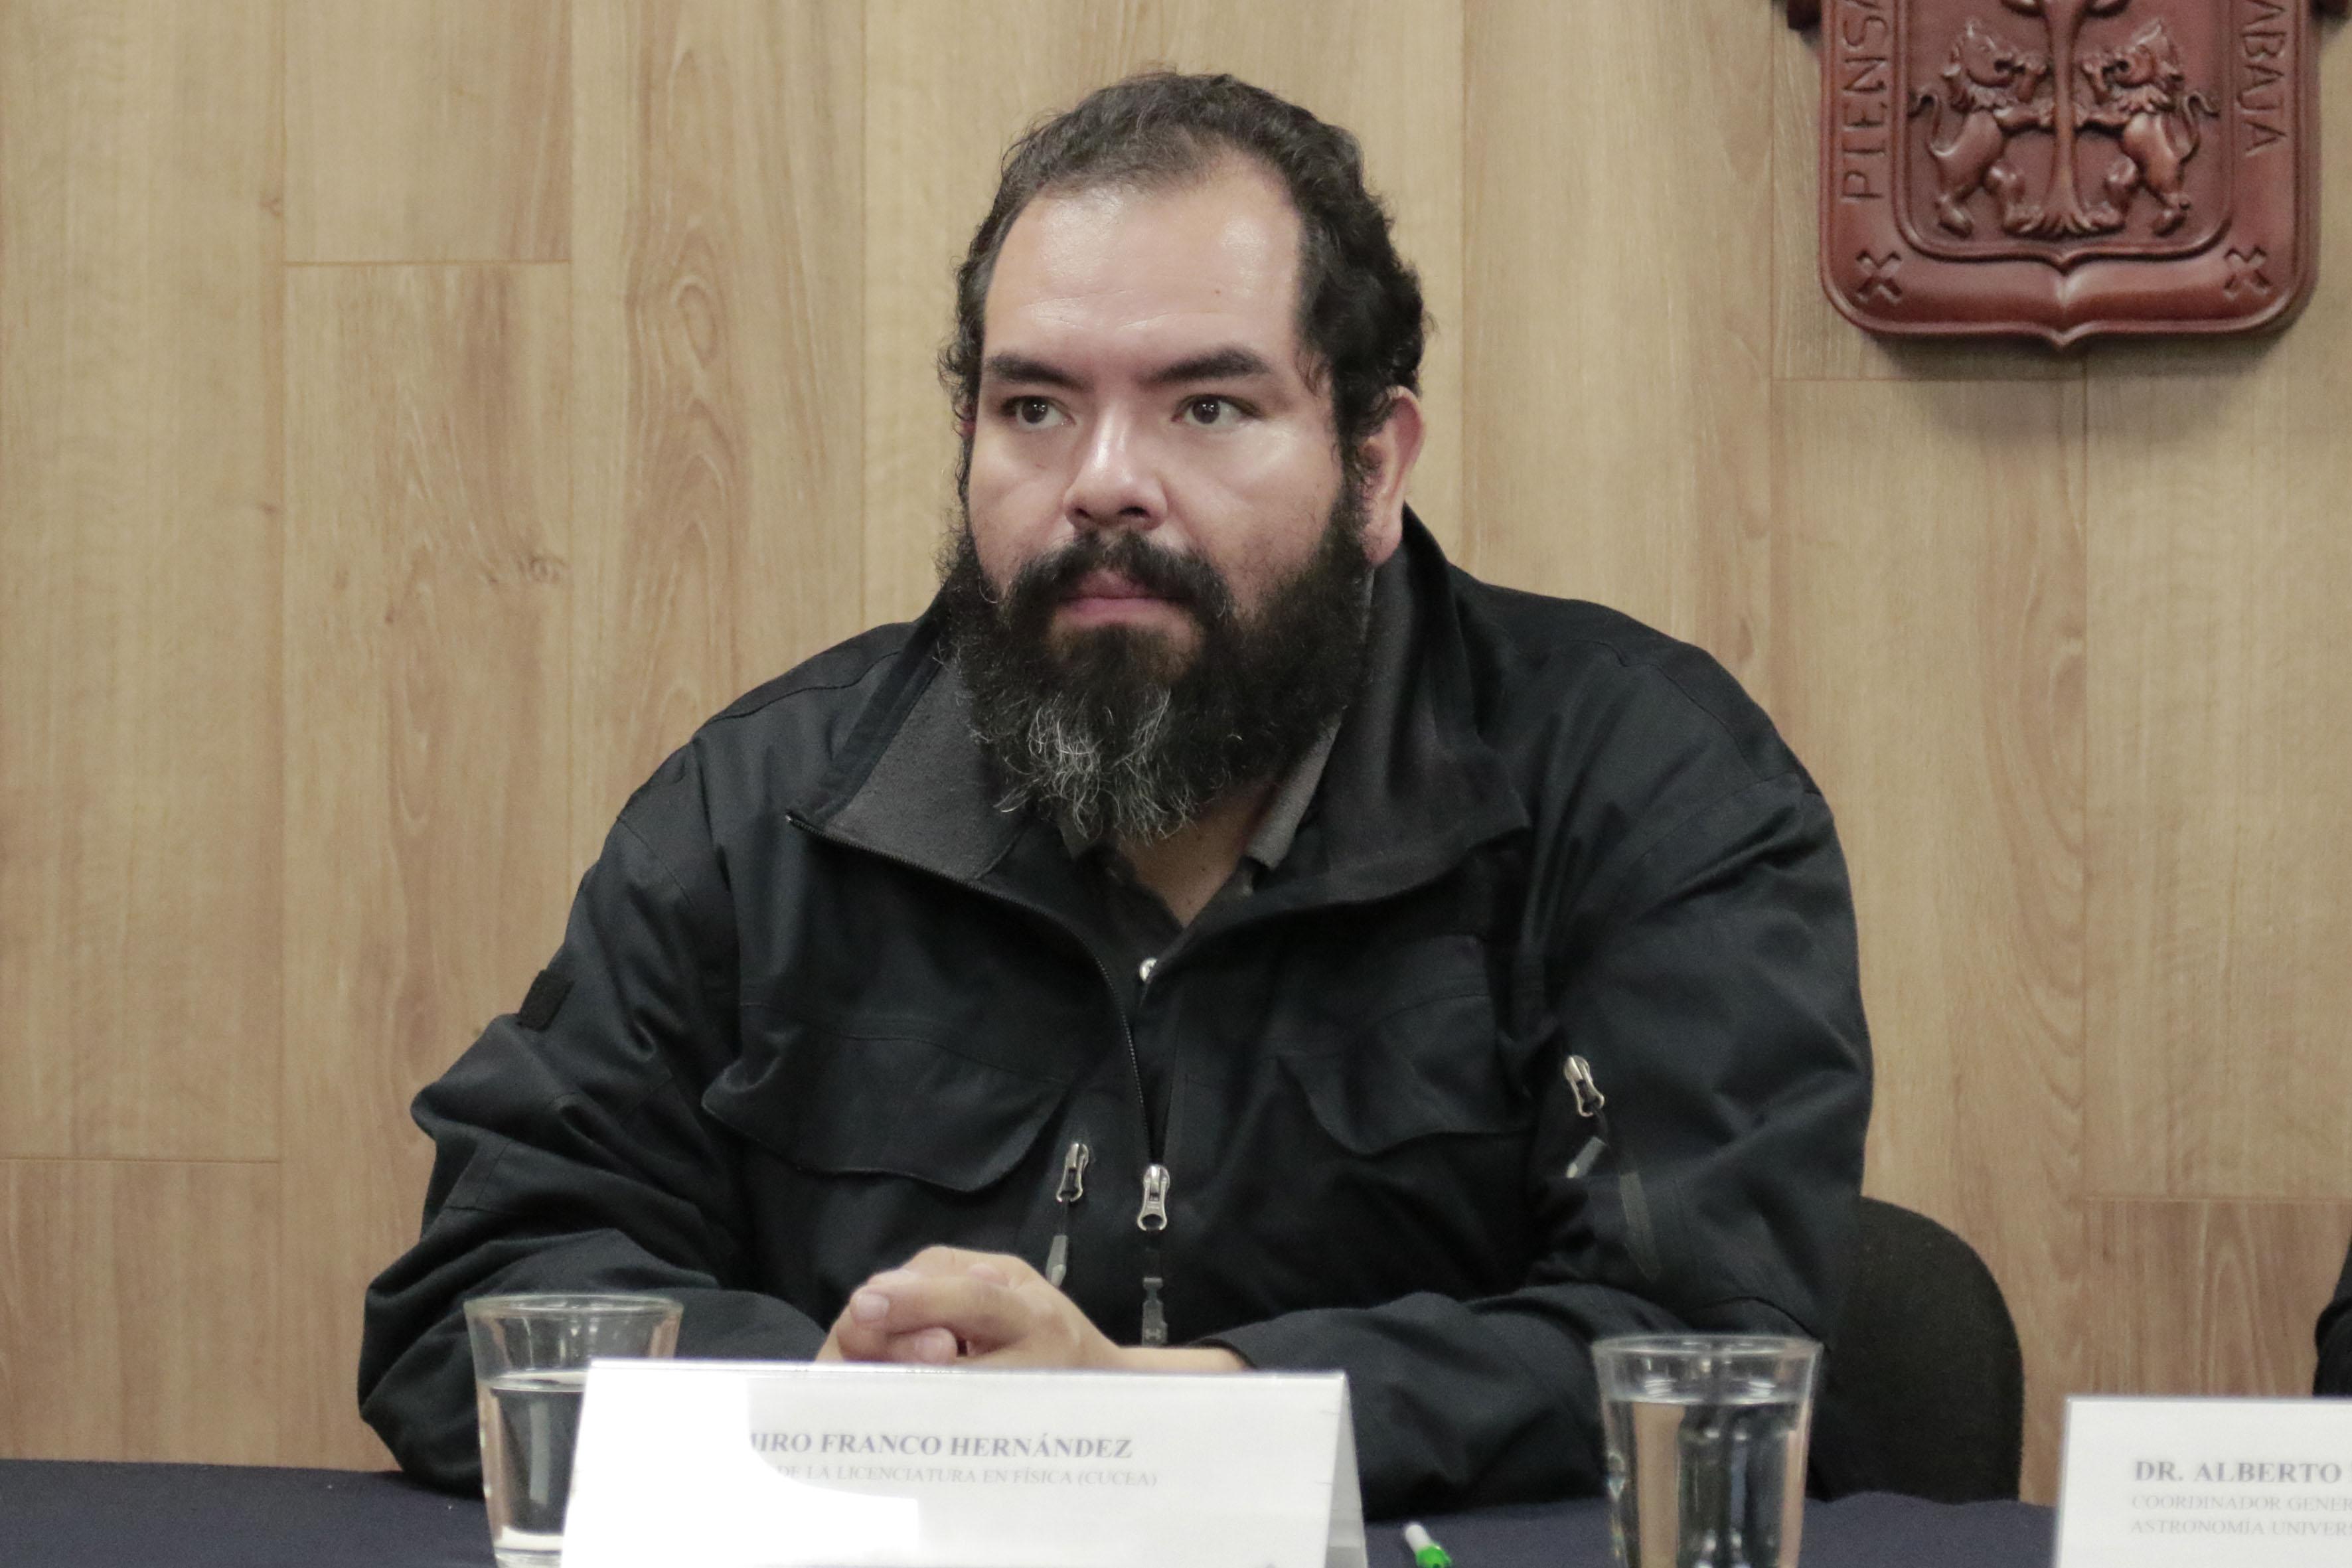 Coordinador de la licenciatura en Física del CUCEI, doctor Ramiro Franco Hernández